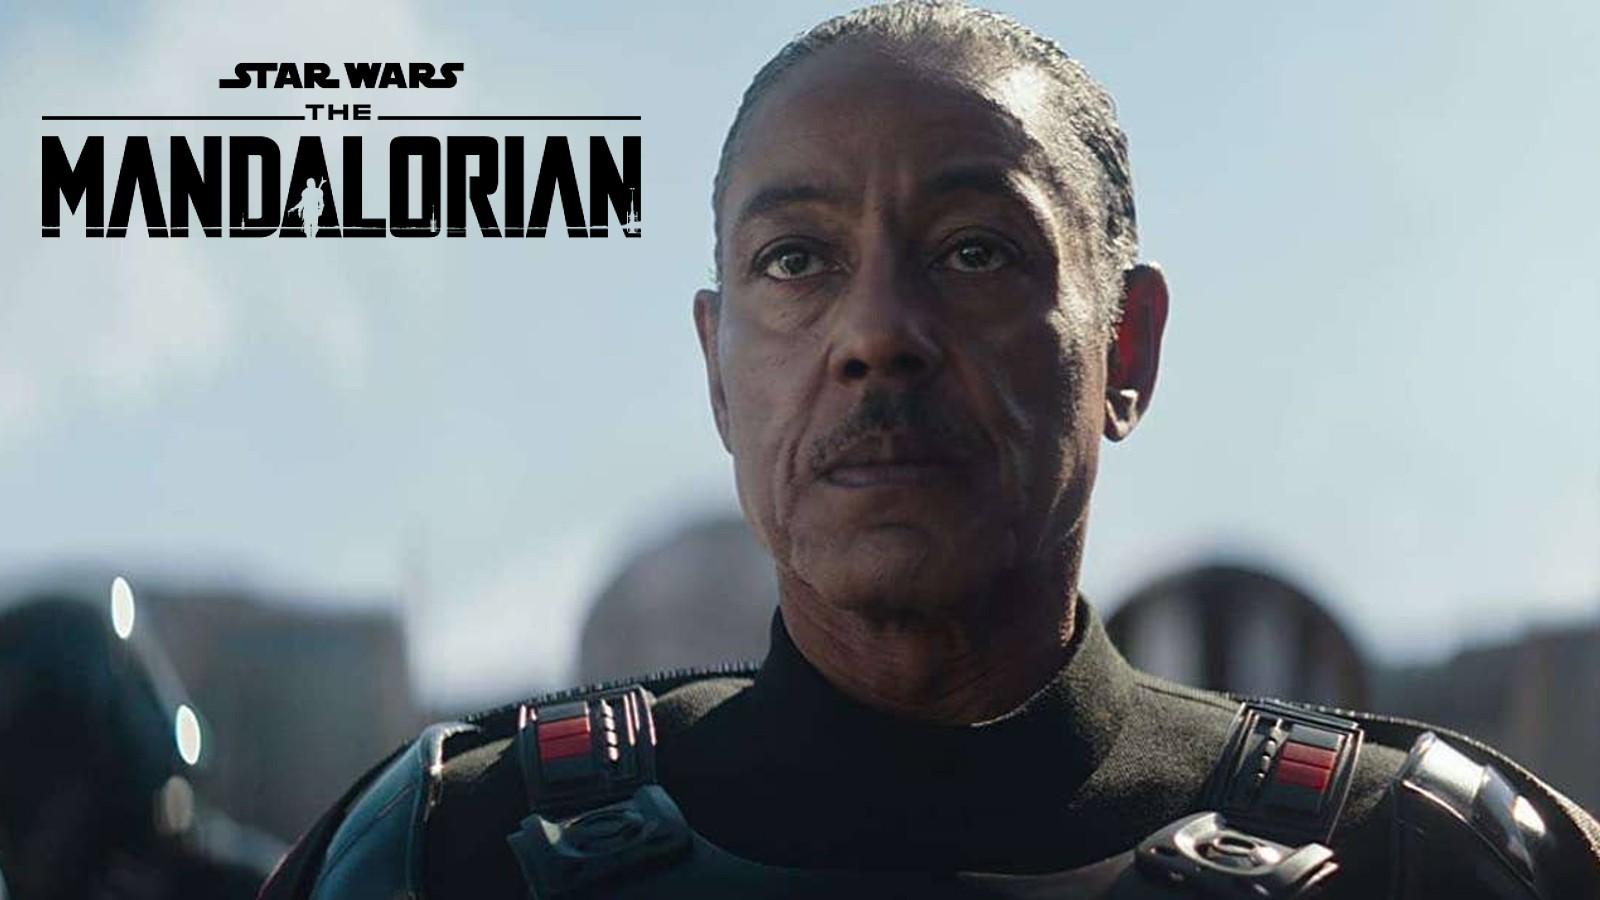 Moff Gideon in The Mandalorian